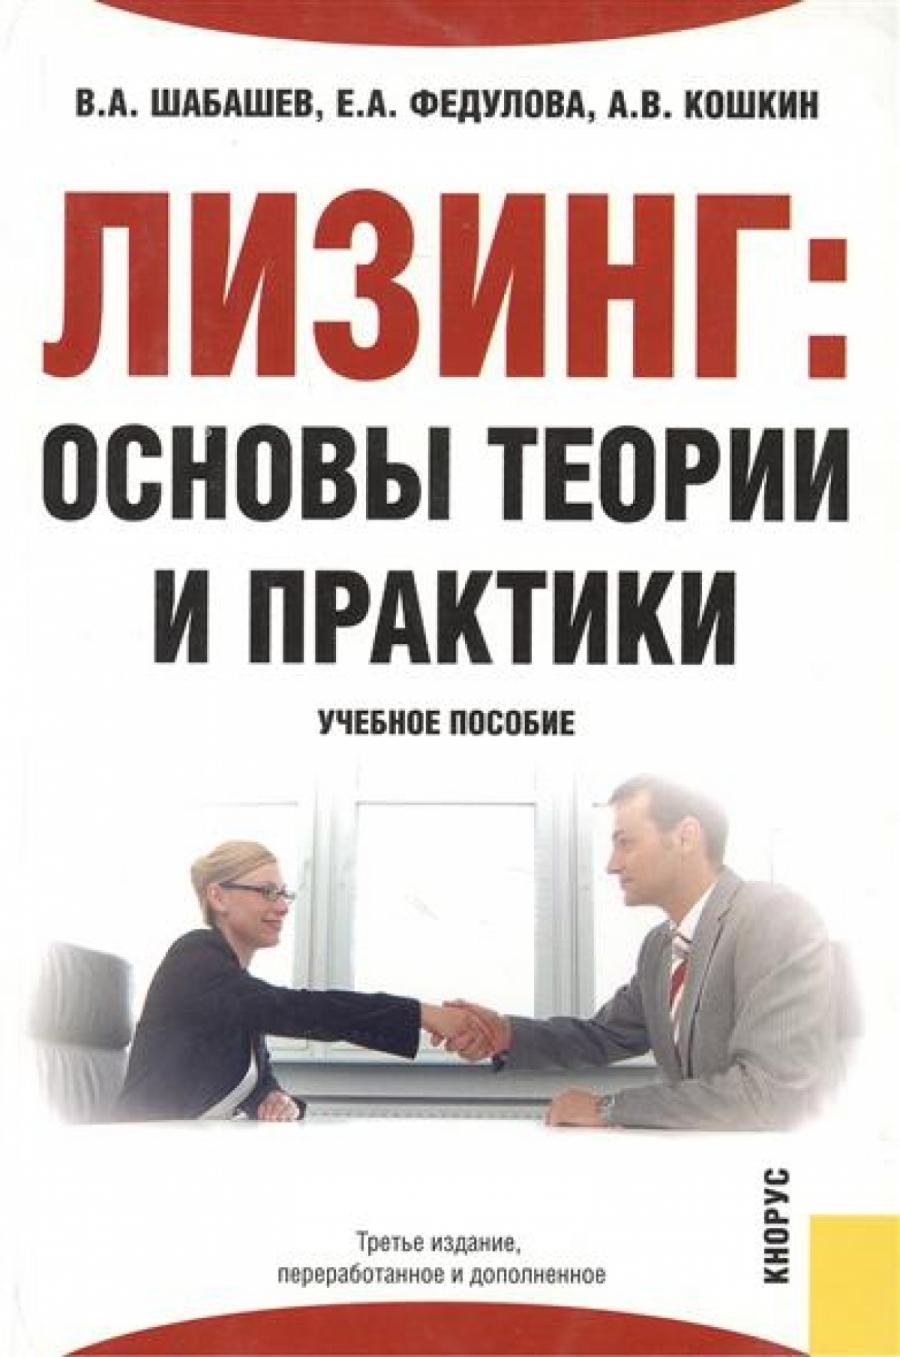 Обложка книги:  шабашев в.а., федулова е.а., кошкин а.в. - лизинг основы теории и практики. второе издание